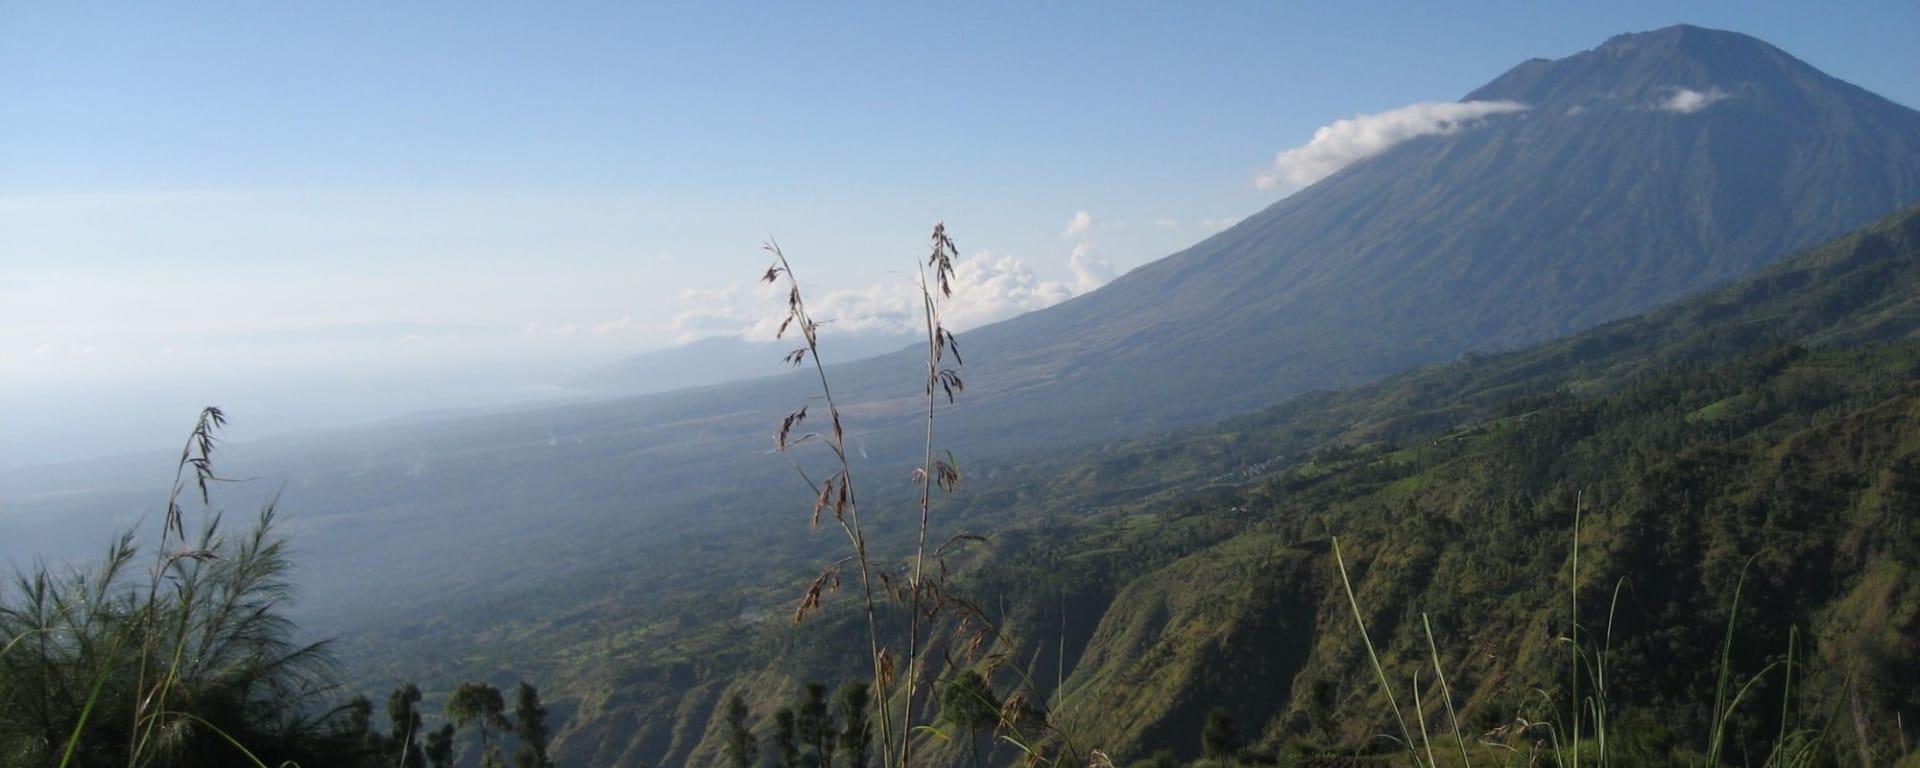 Trekking im Hochland Balis in Ubud: Trekking Karin Vogt